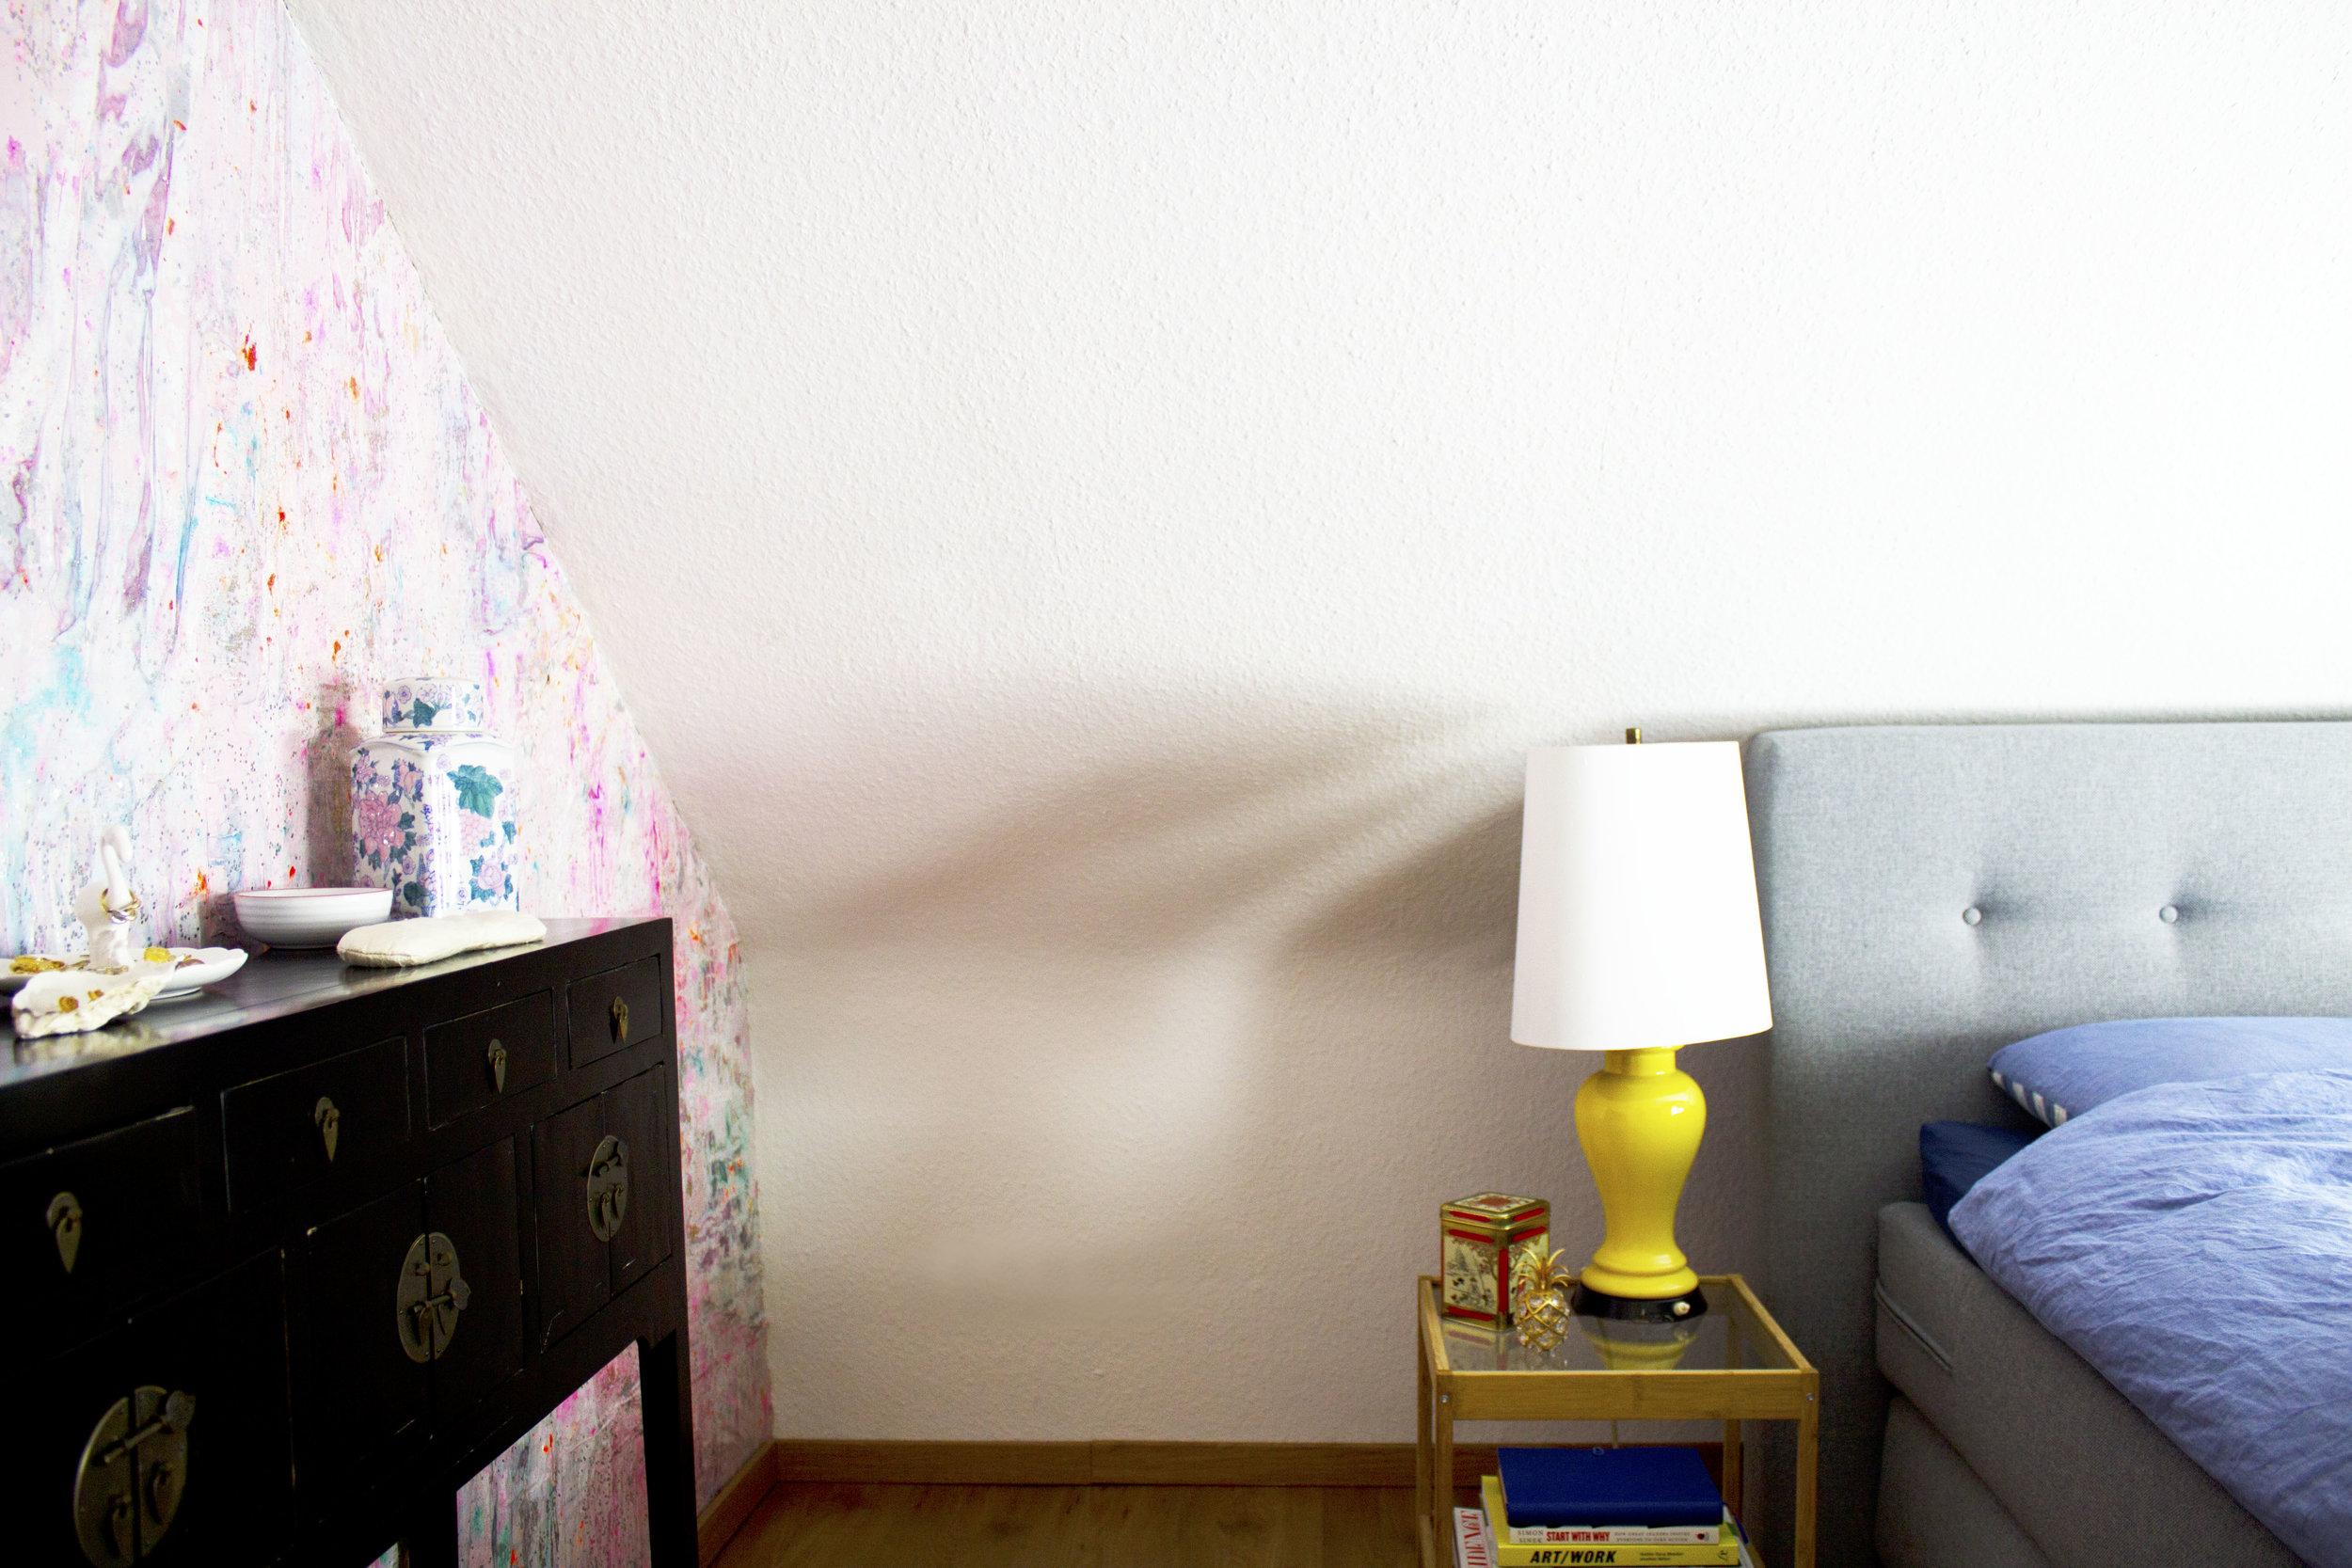 Wand mit Schrankx8.jpg